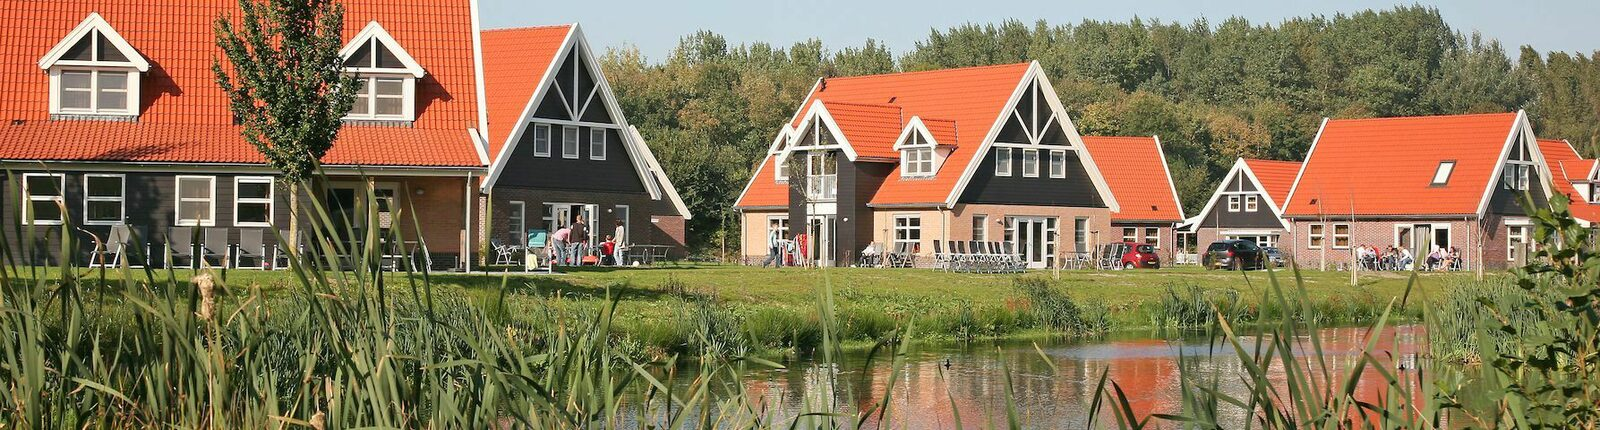 UwBuitenhuis.nl - Zorgeloos investeren en recreëren